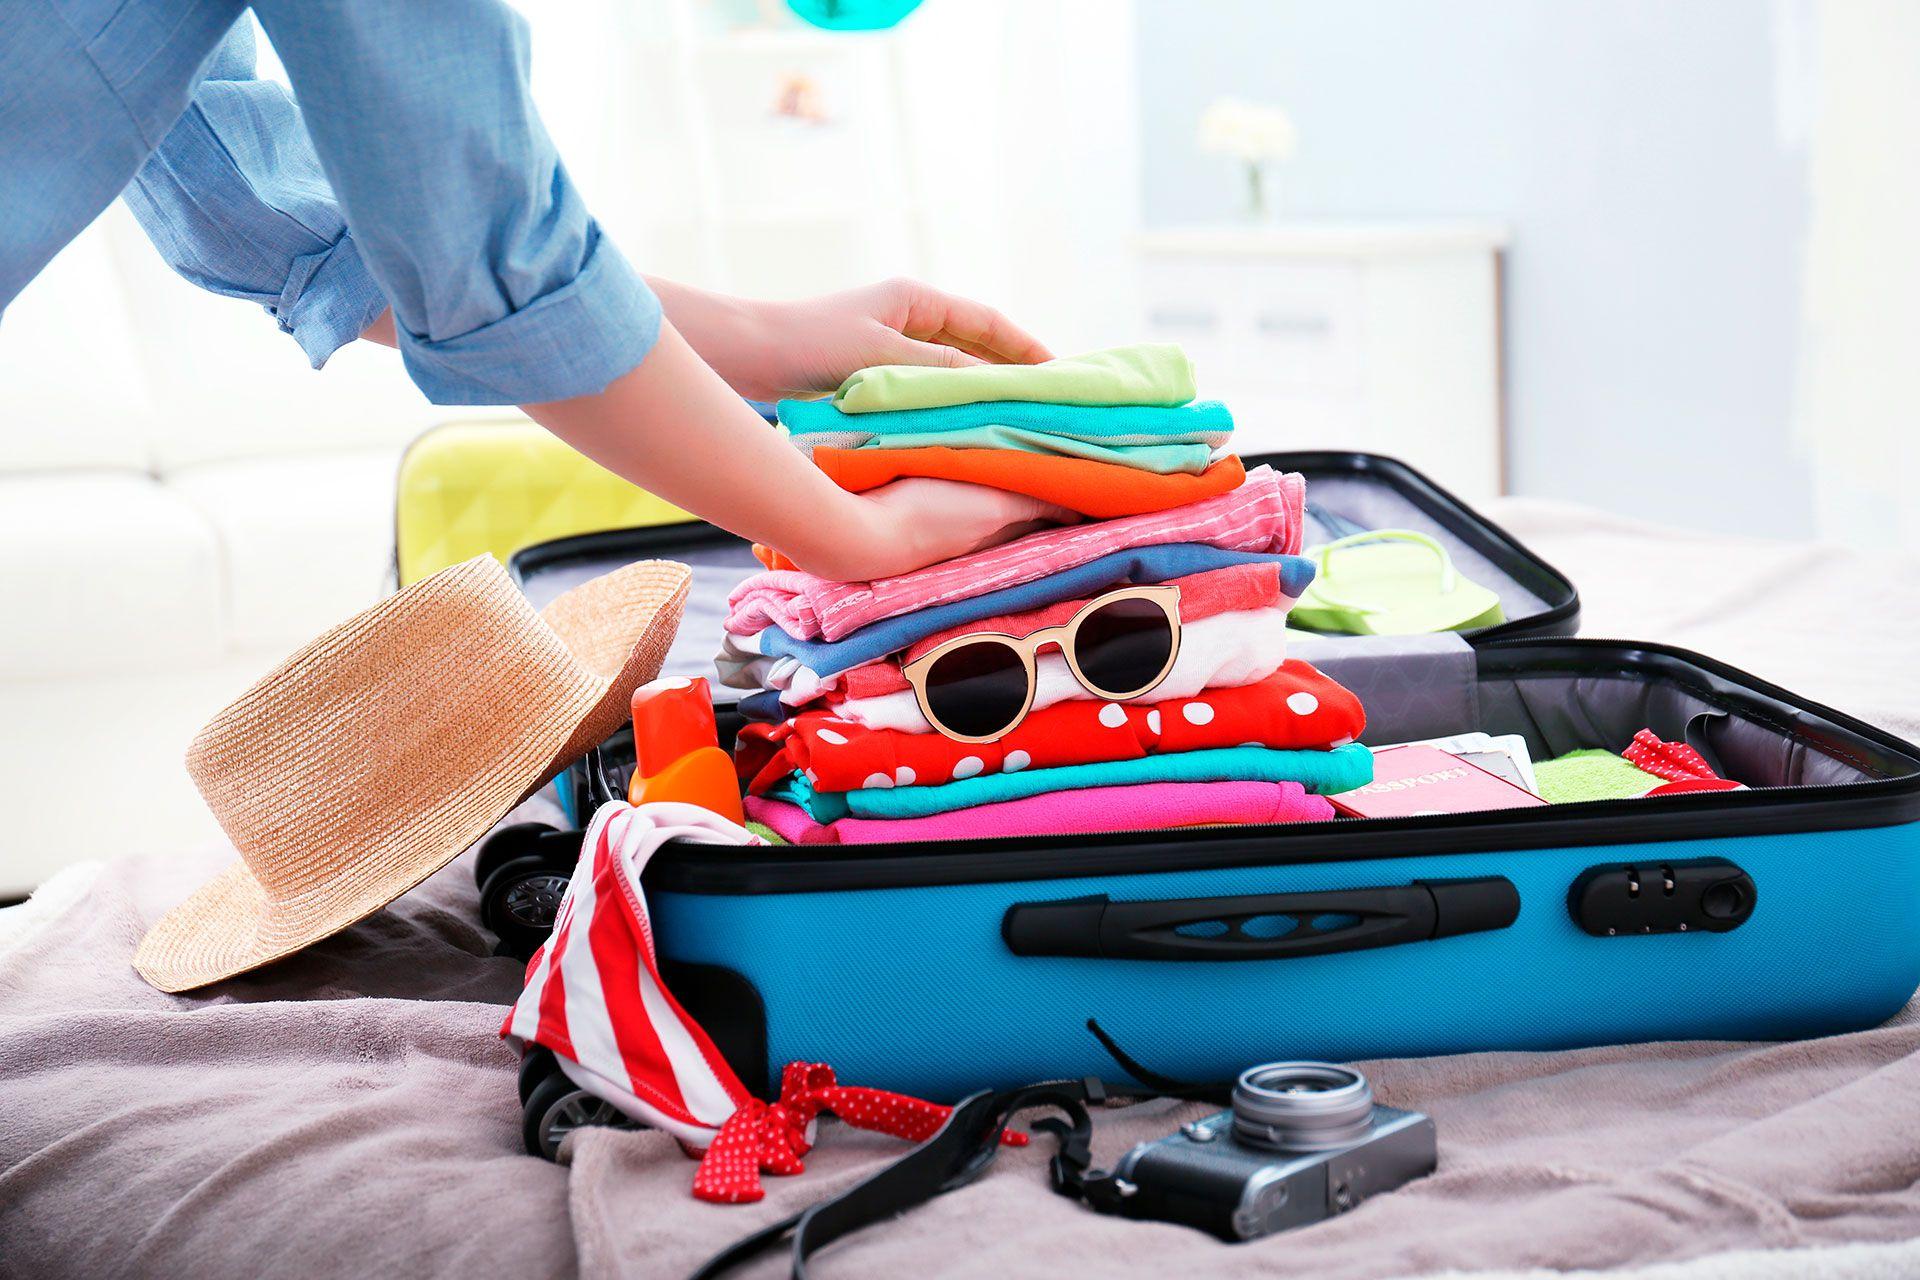 Para los destinos de playa, si se compra un pasaje sin valija en bodega, bien ordenado la ropa entra perfecto en las carry on (Shutterstock)